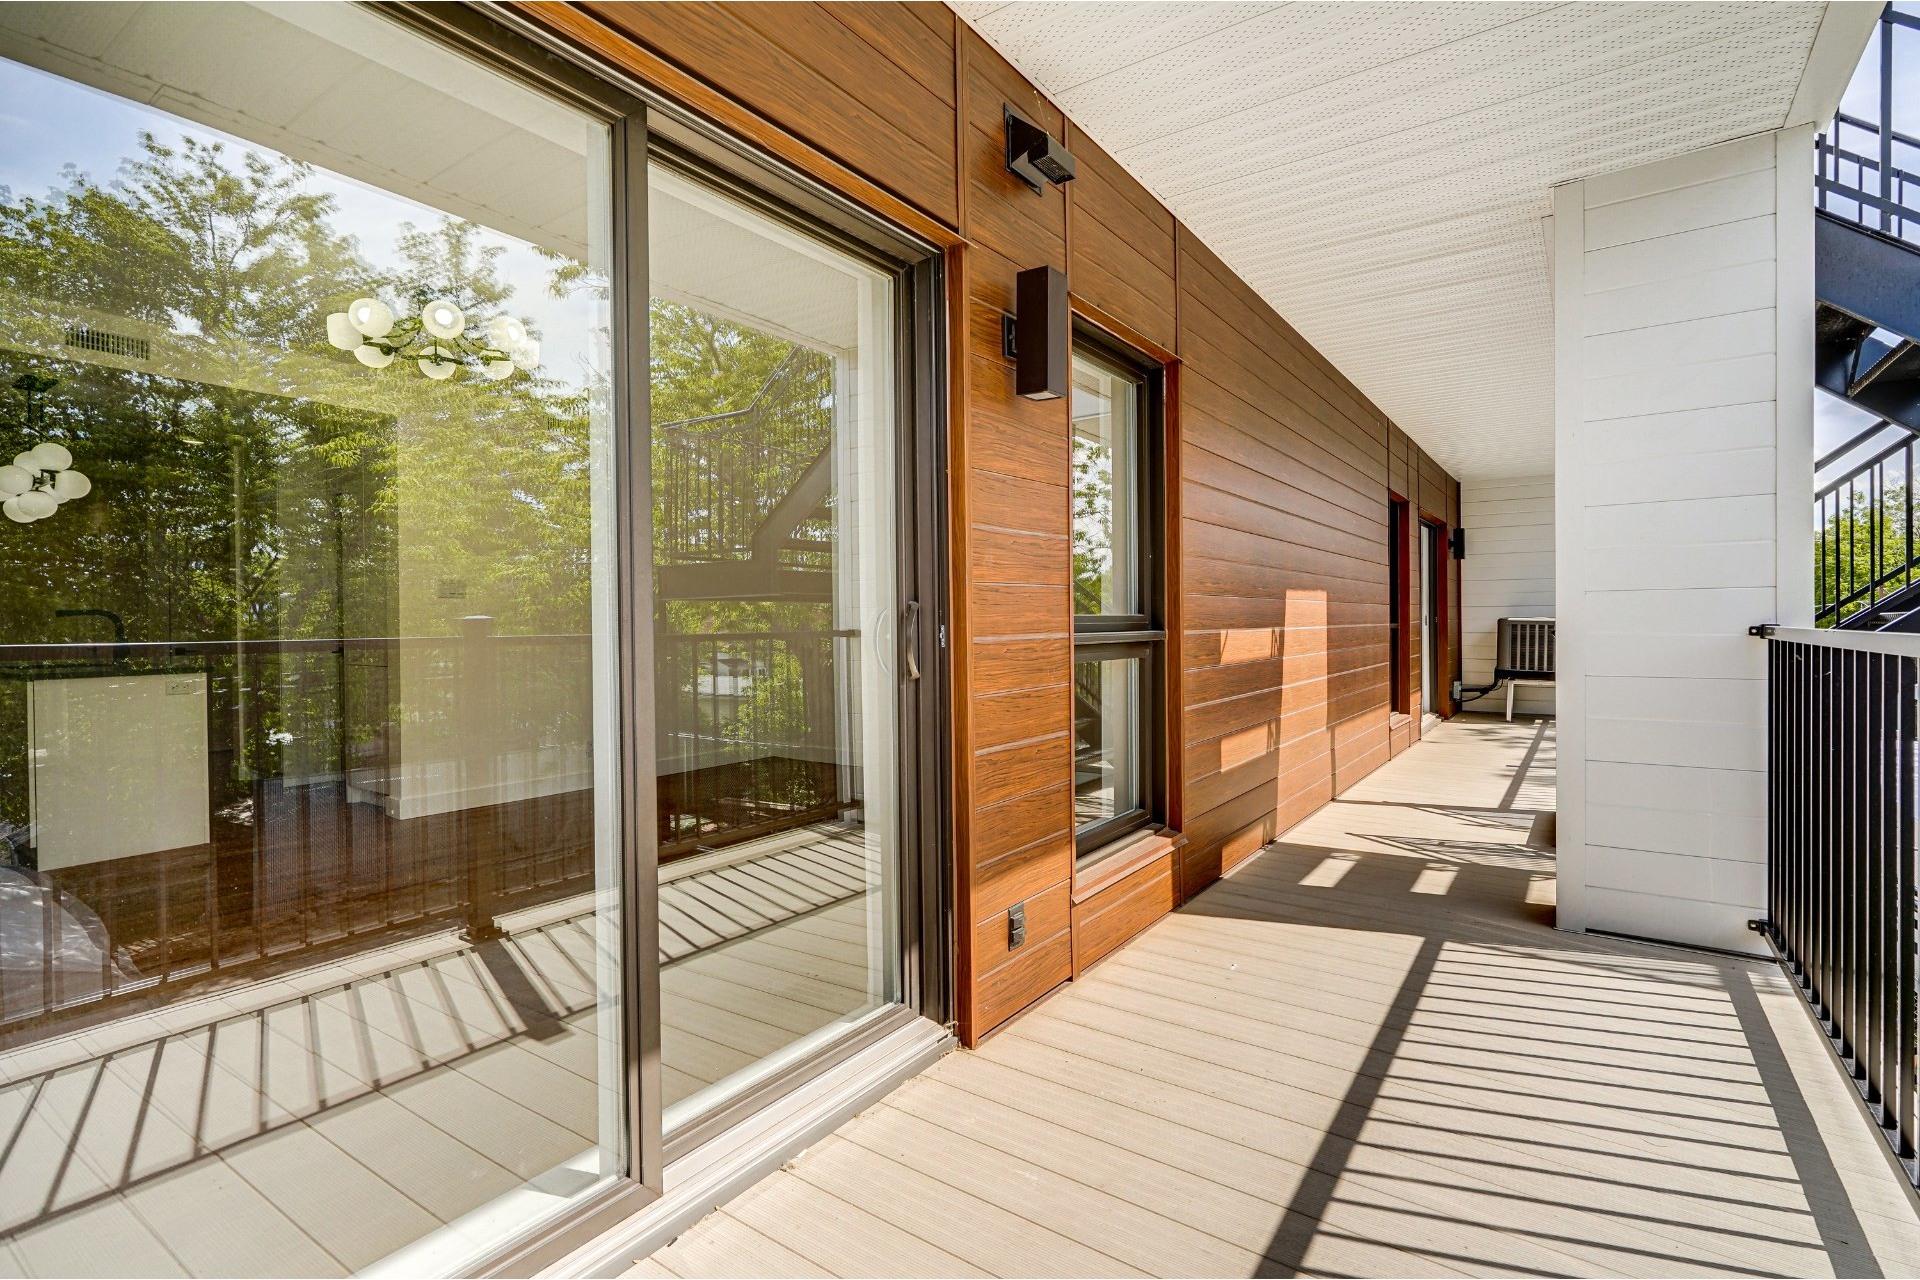 image 18 - Apartment For sale Lachine Montréal  - 6 rooms